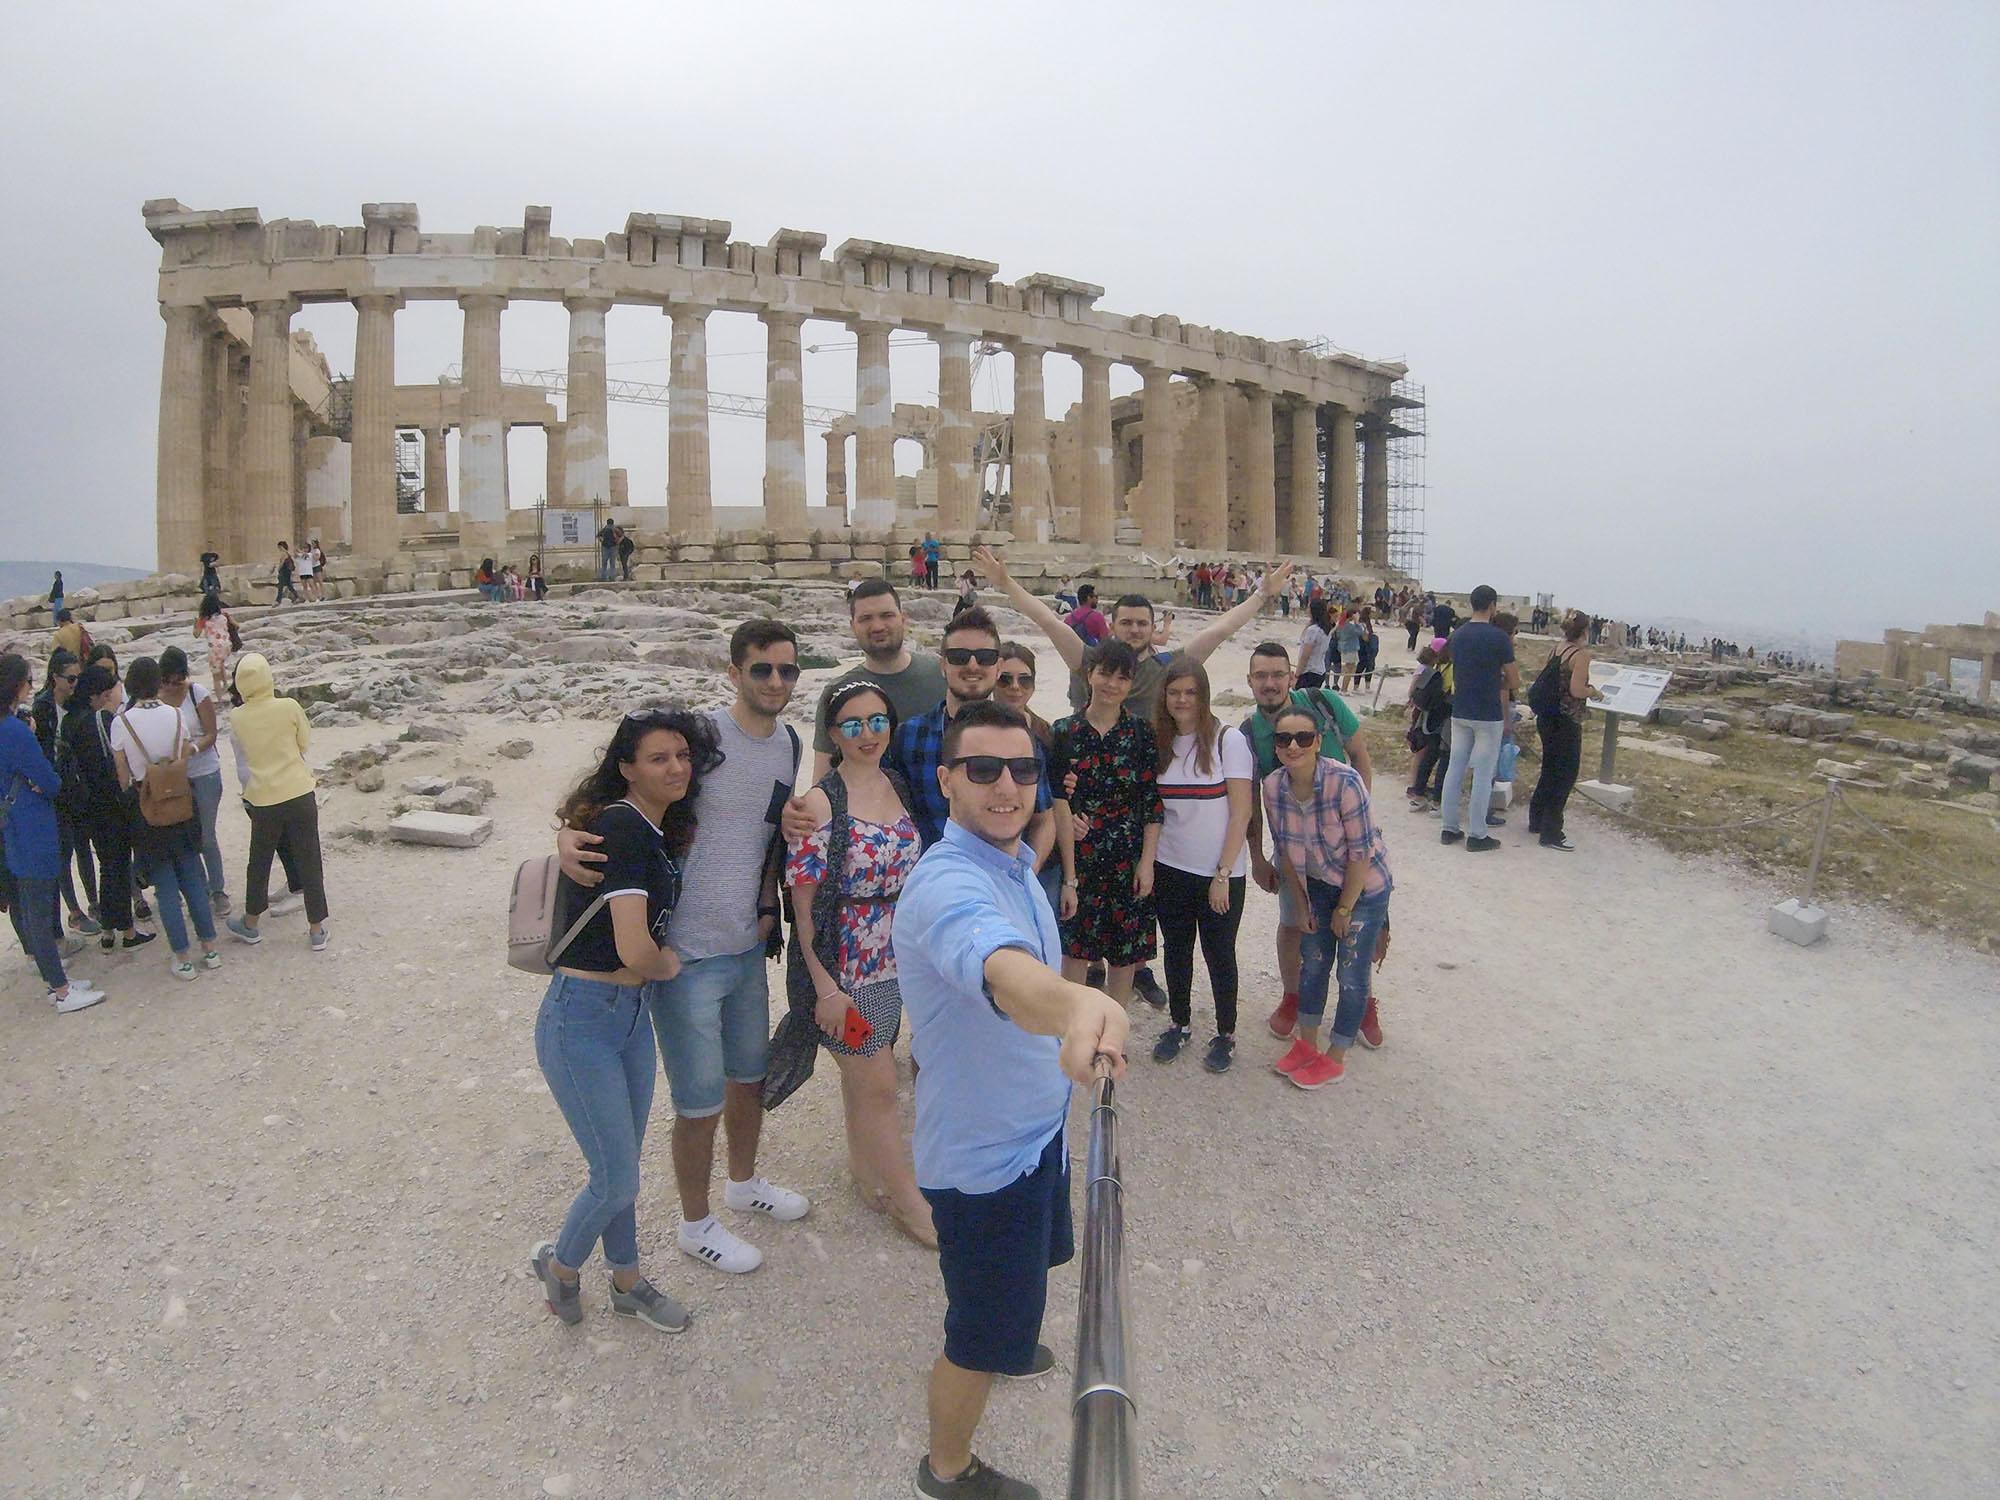 Atena în 3 zile, cu bune și cu mai puțin bune